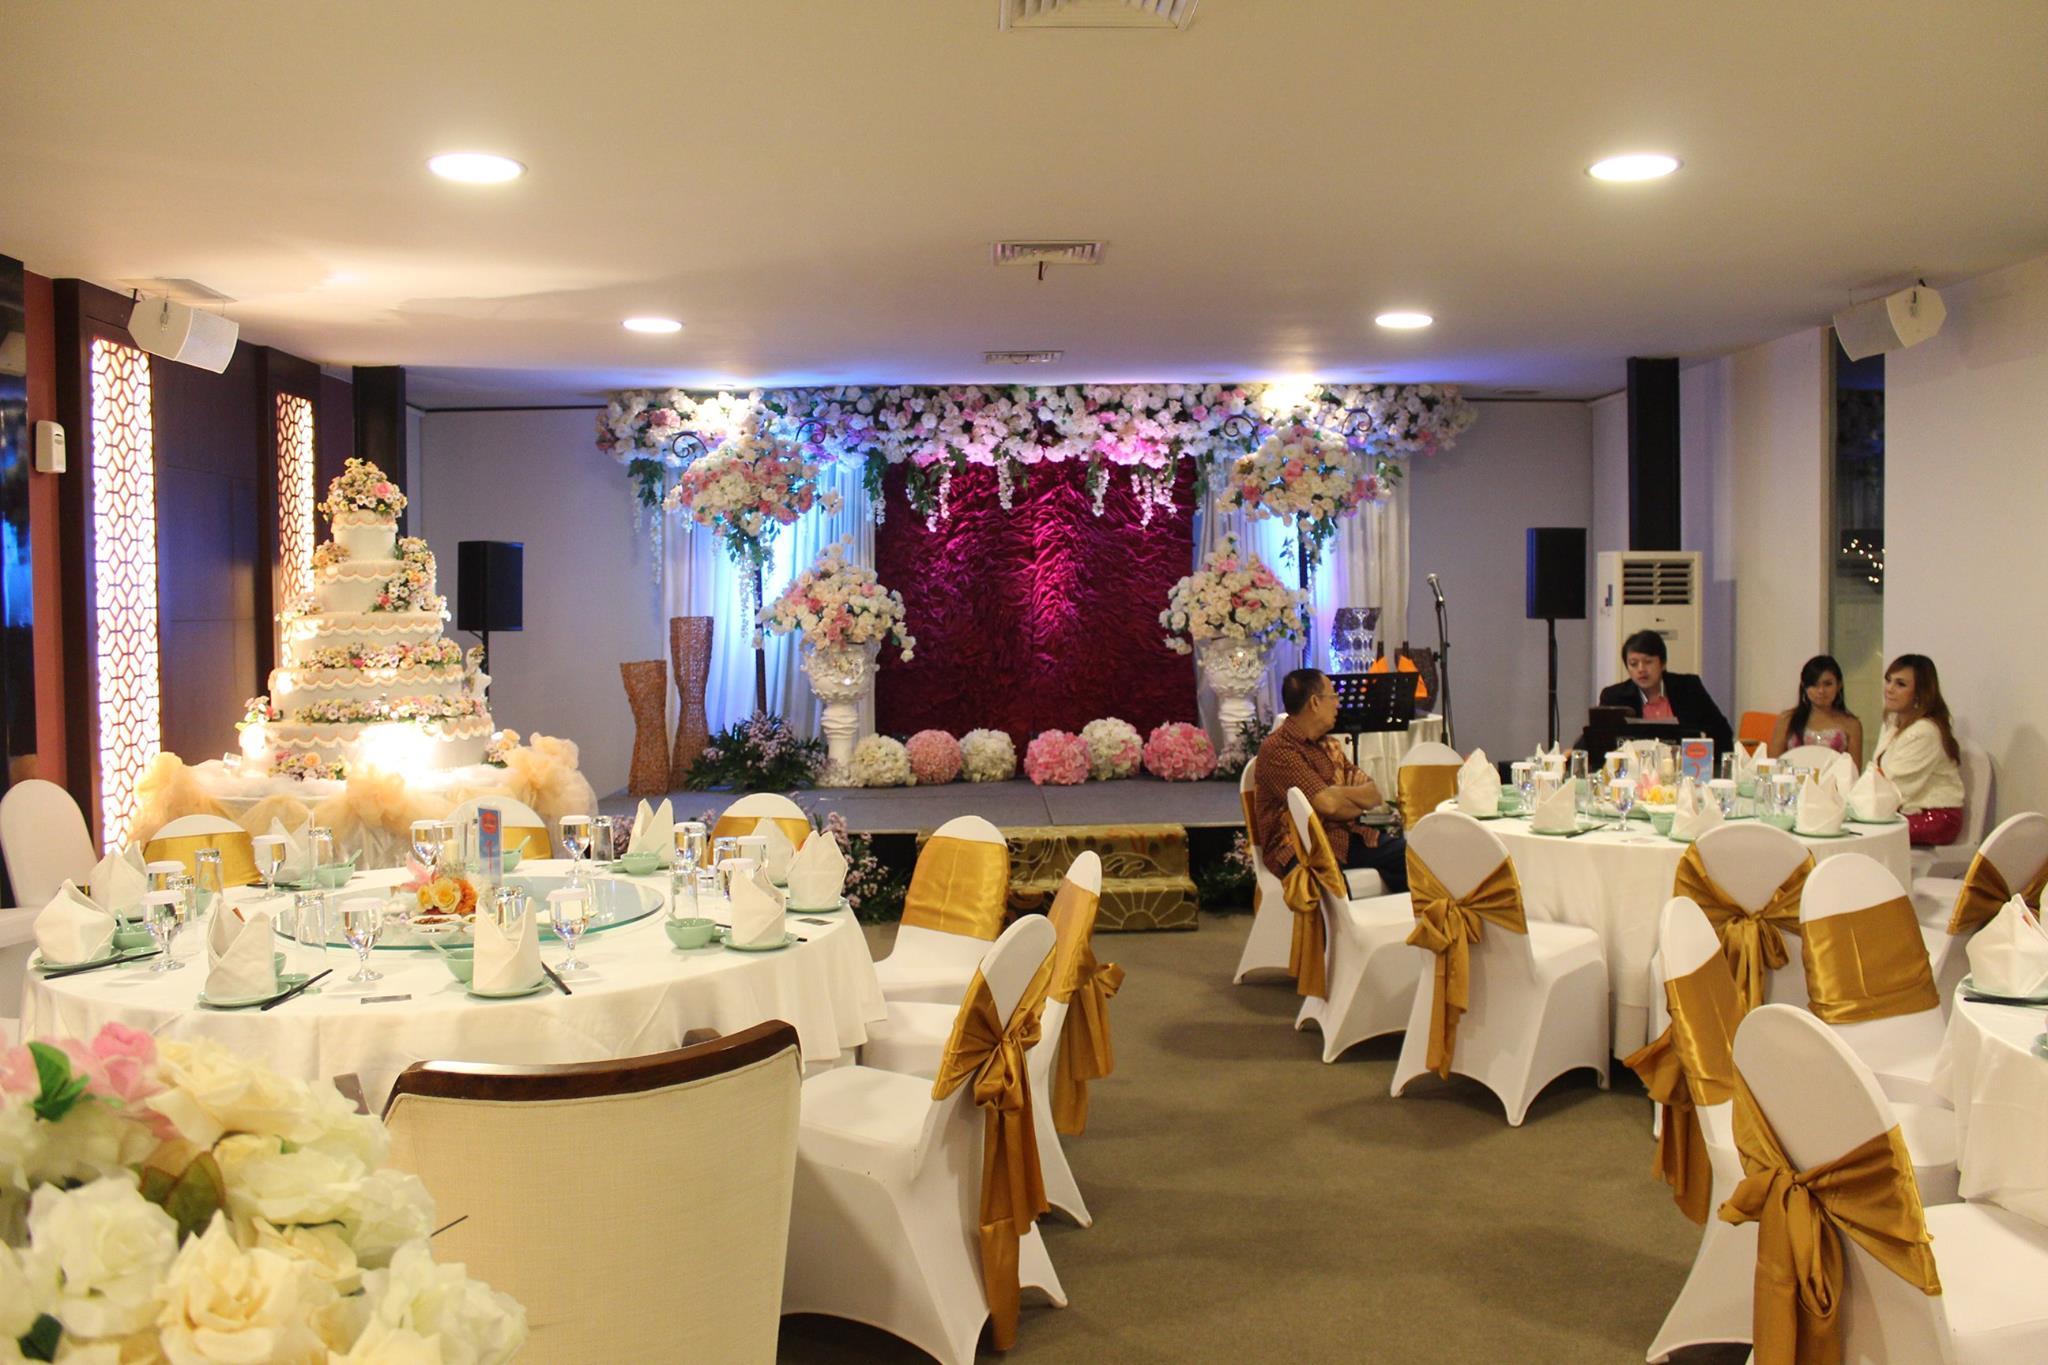 The wedding of oscar riani by harris hotel convention center the wedding of oscar riani by harris hotel convention center malang bridestory junglespirit Gallery